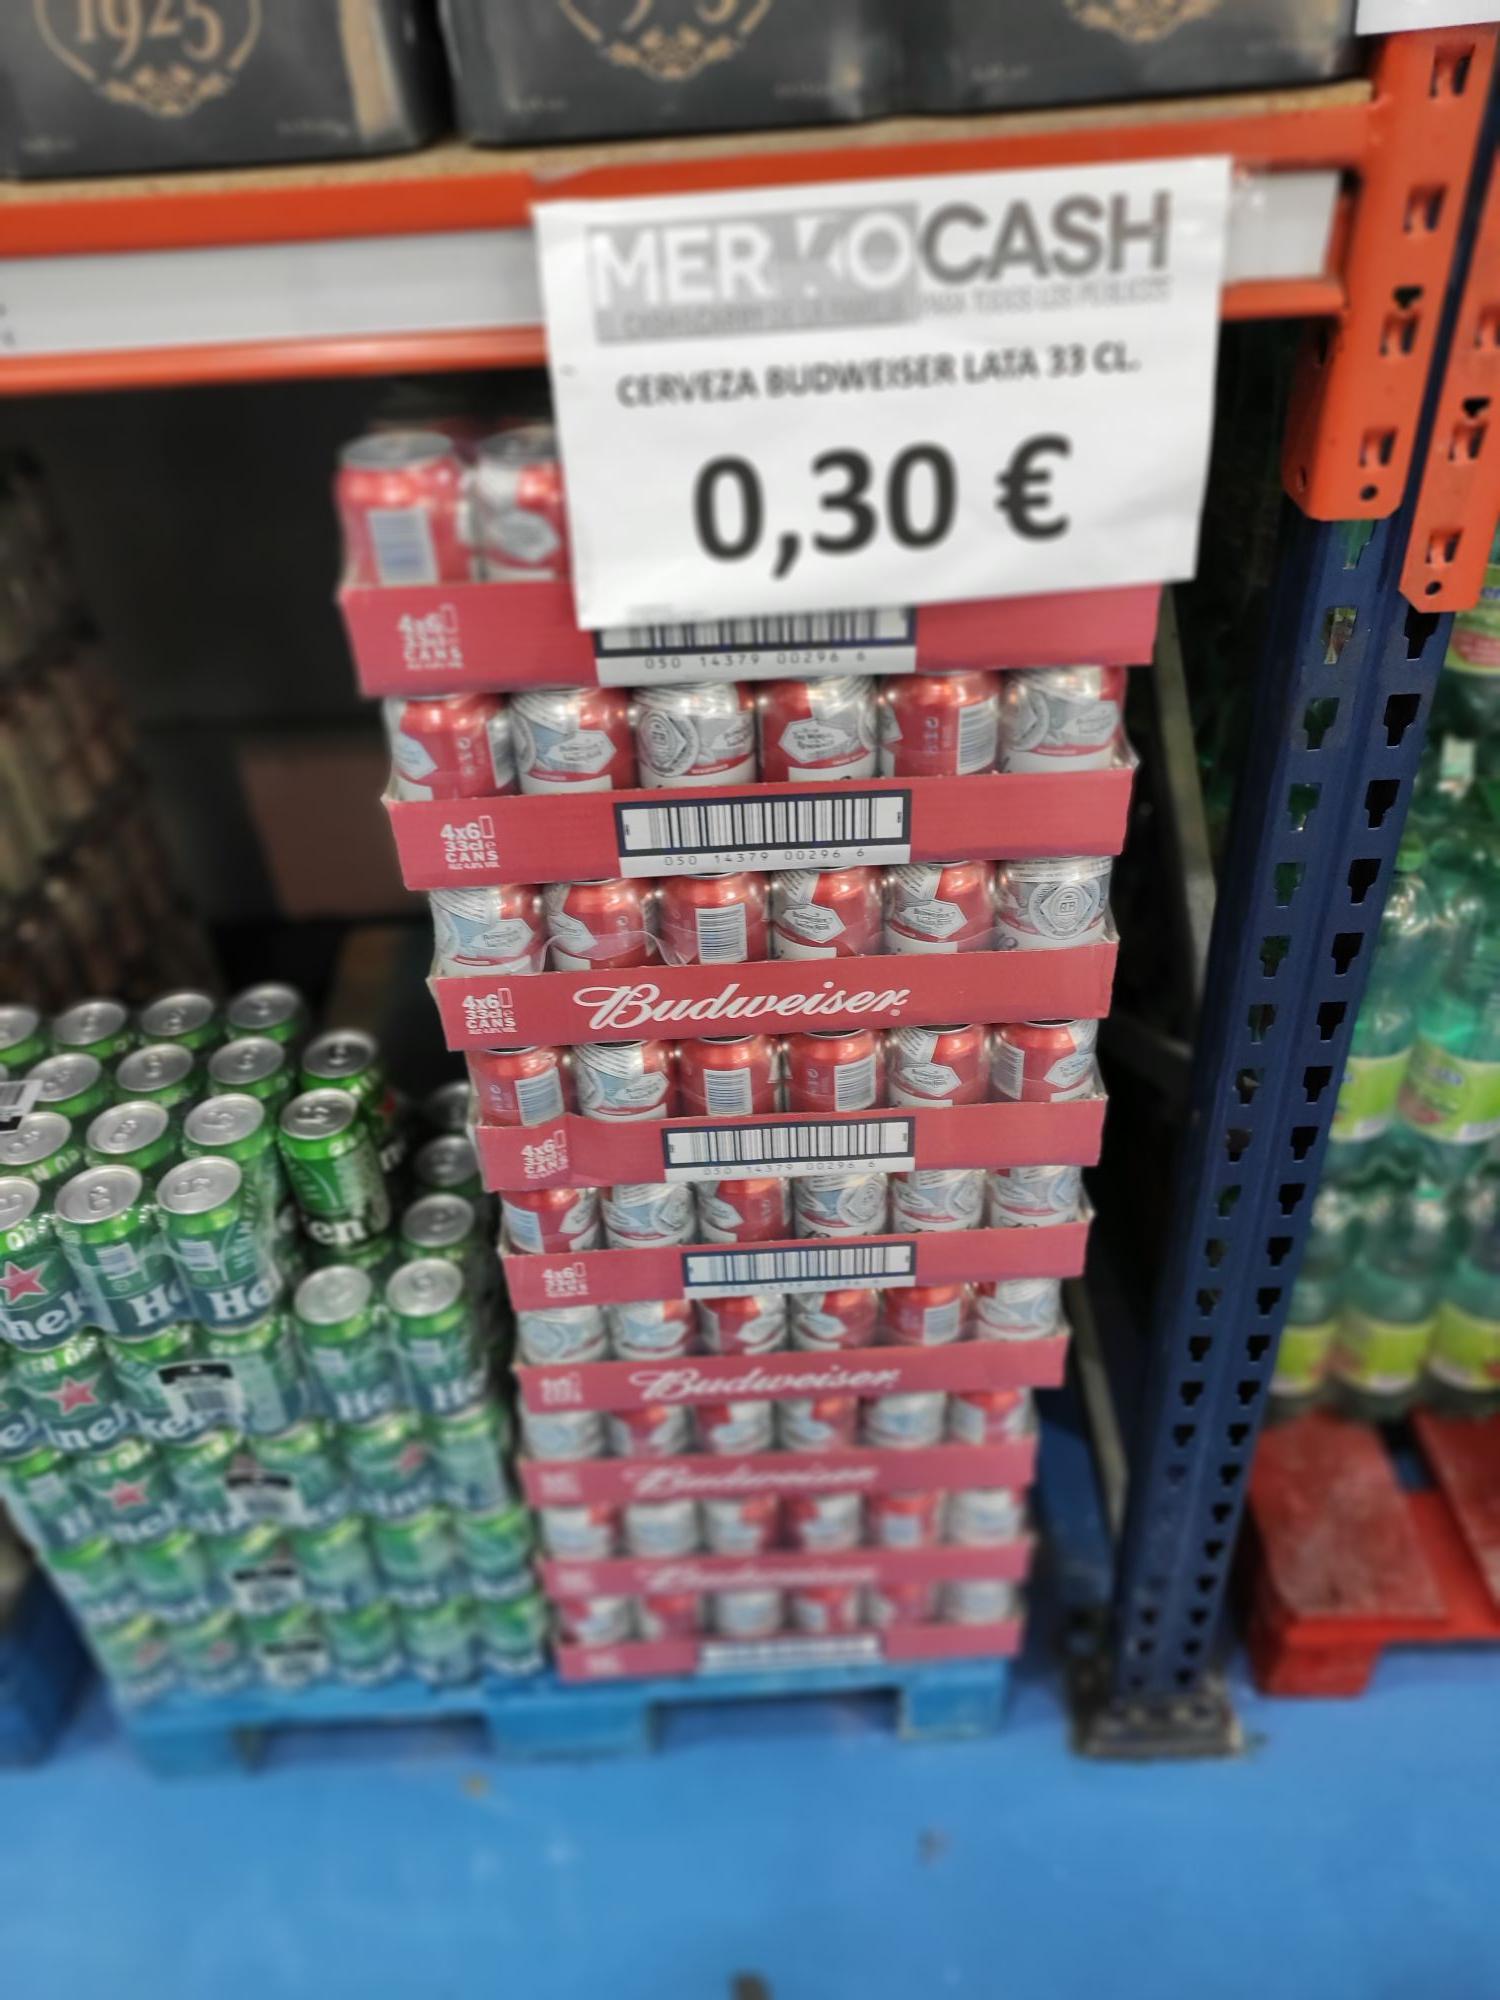 Cerveza budweiser - Merkocash